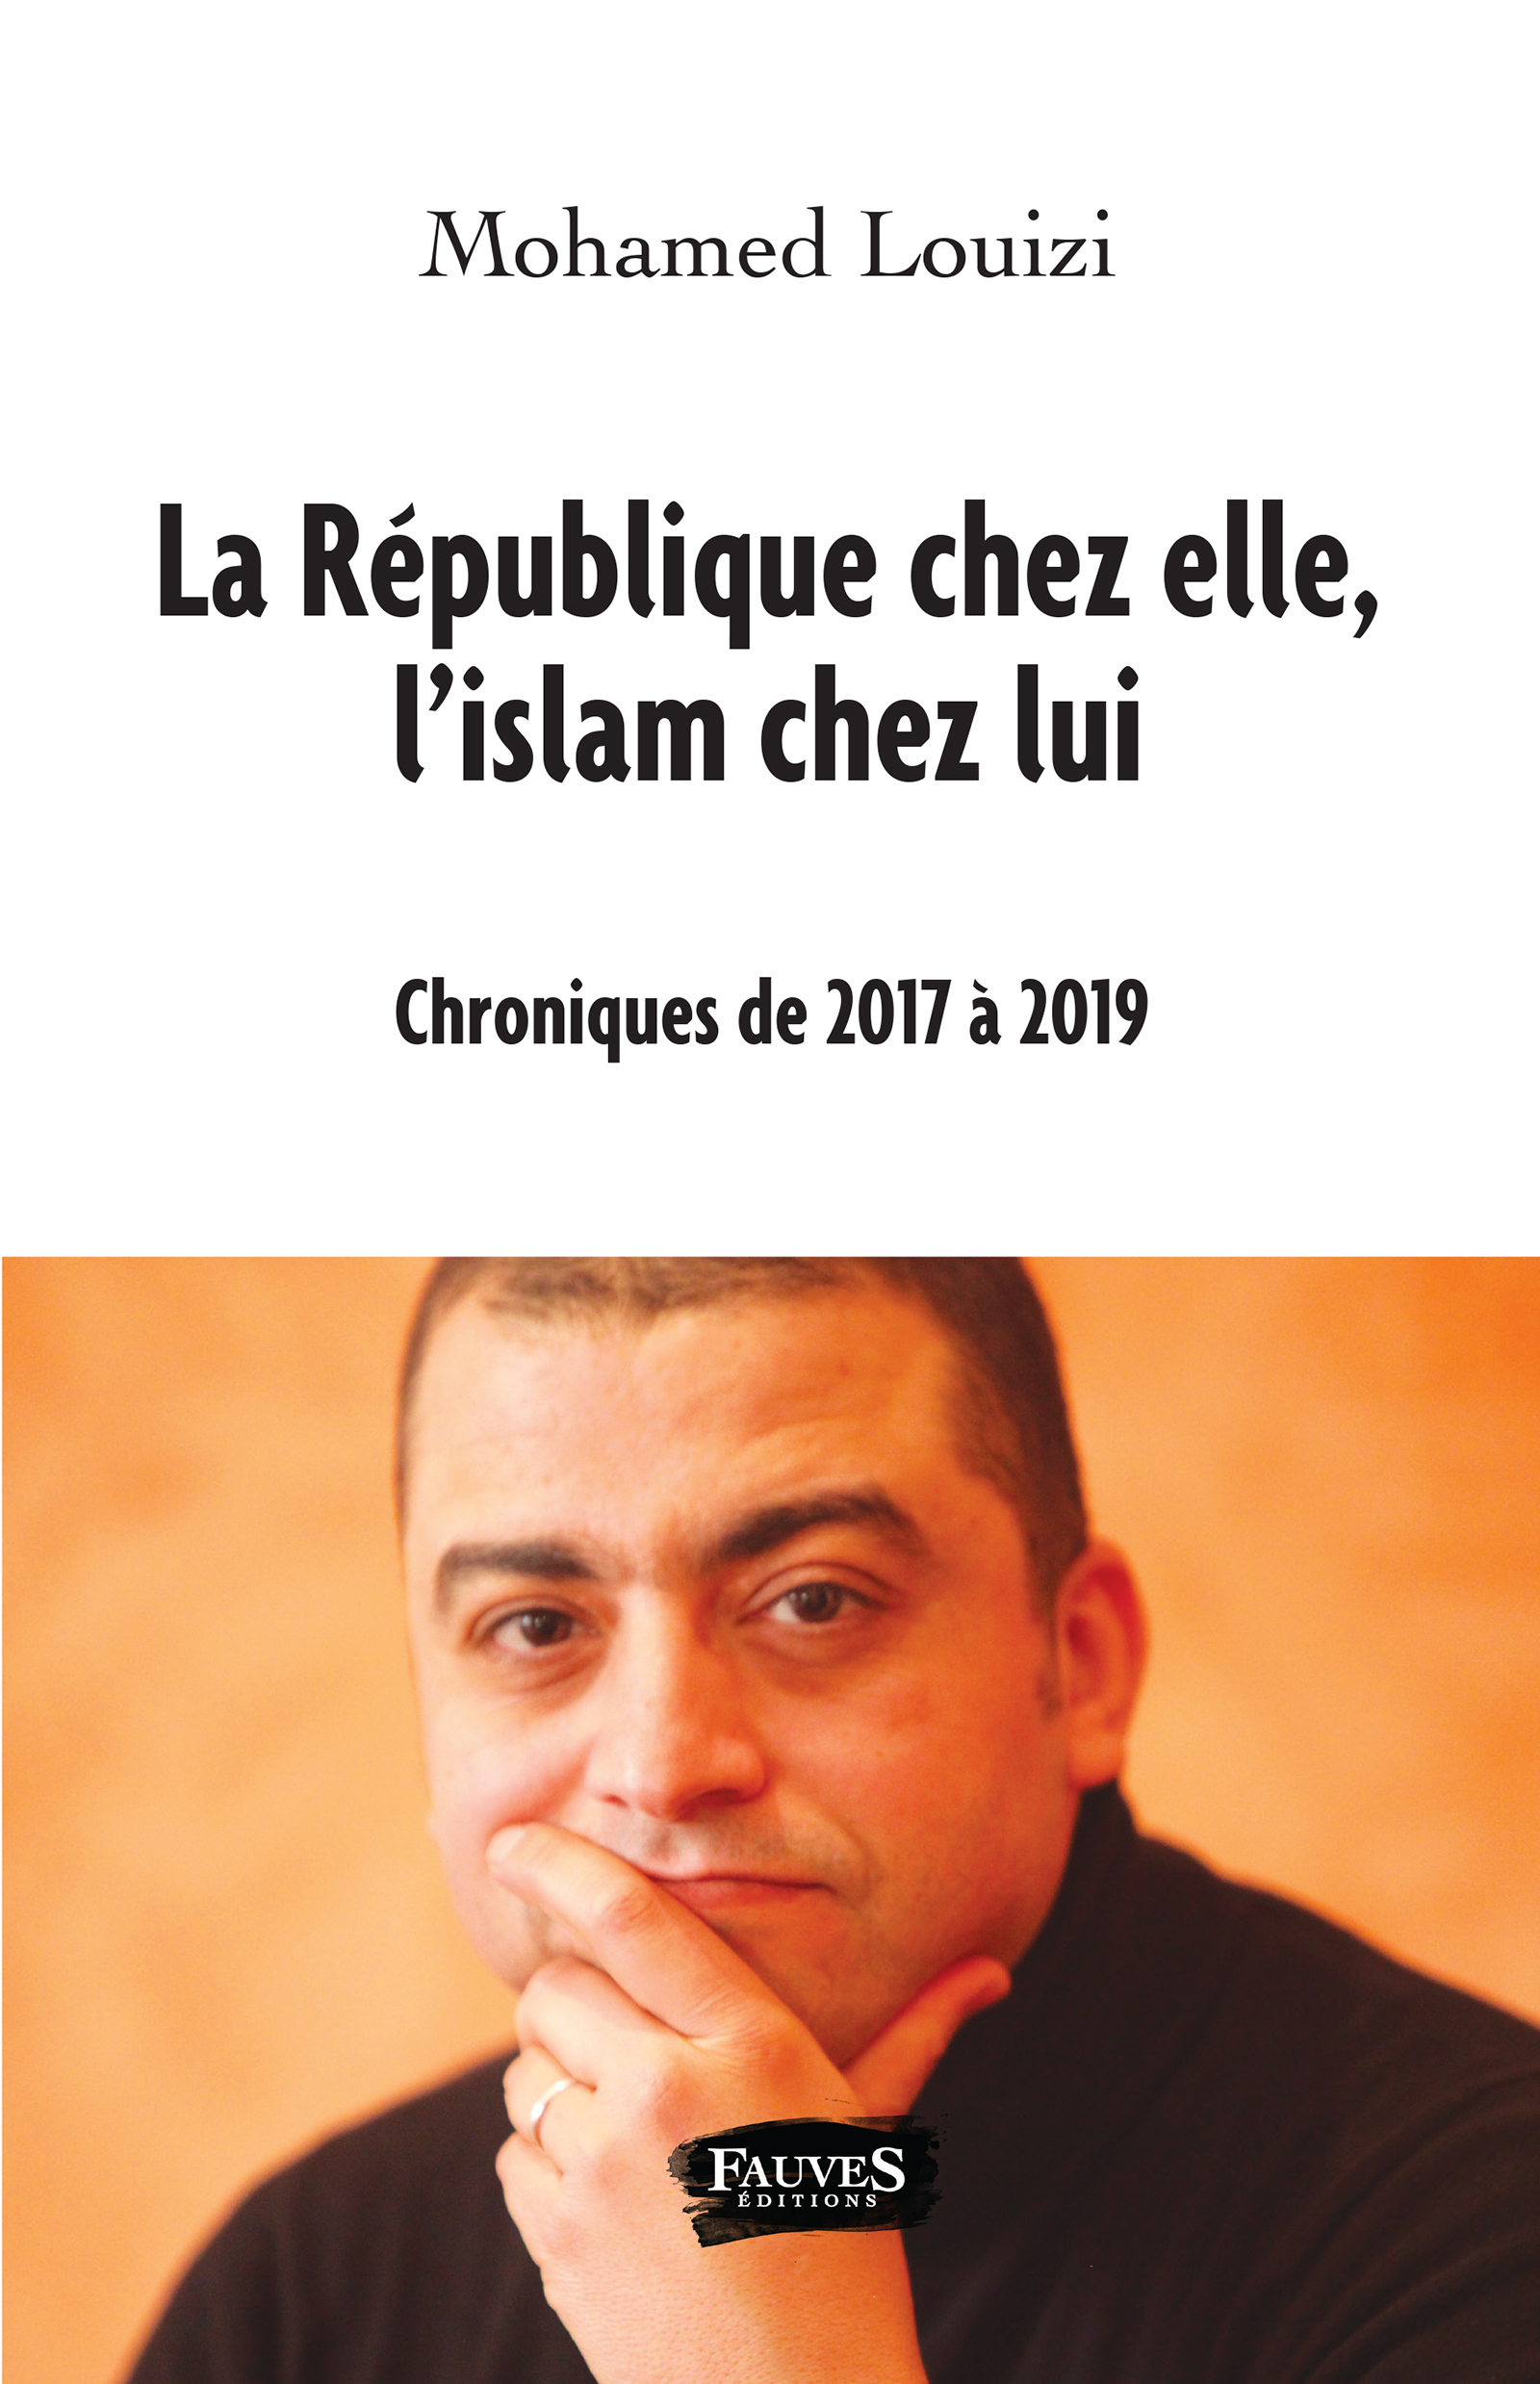 La République chez